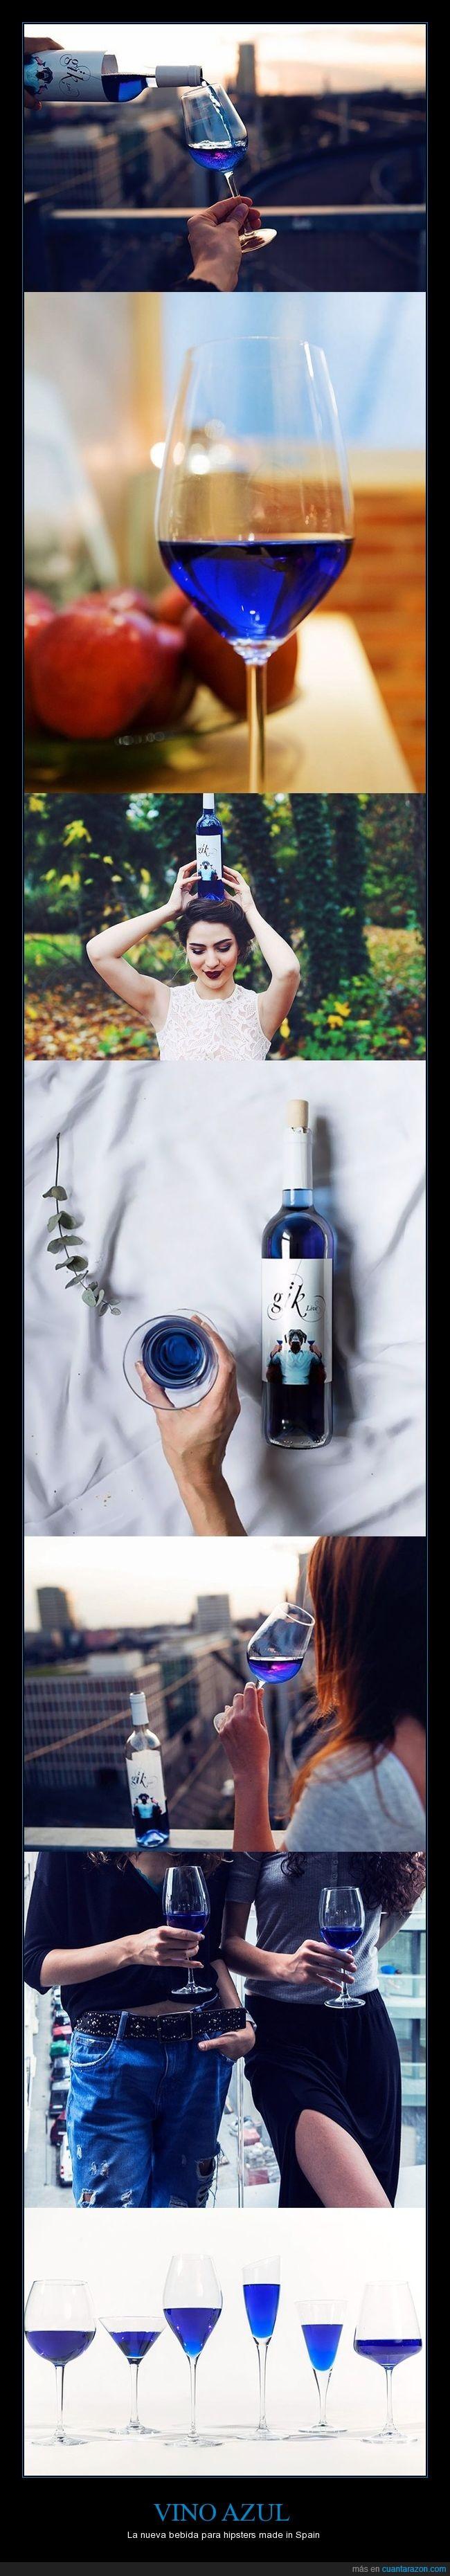 azul,bebida,gik,vino